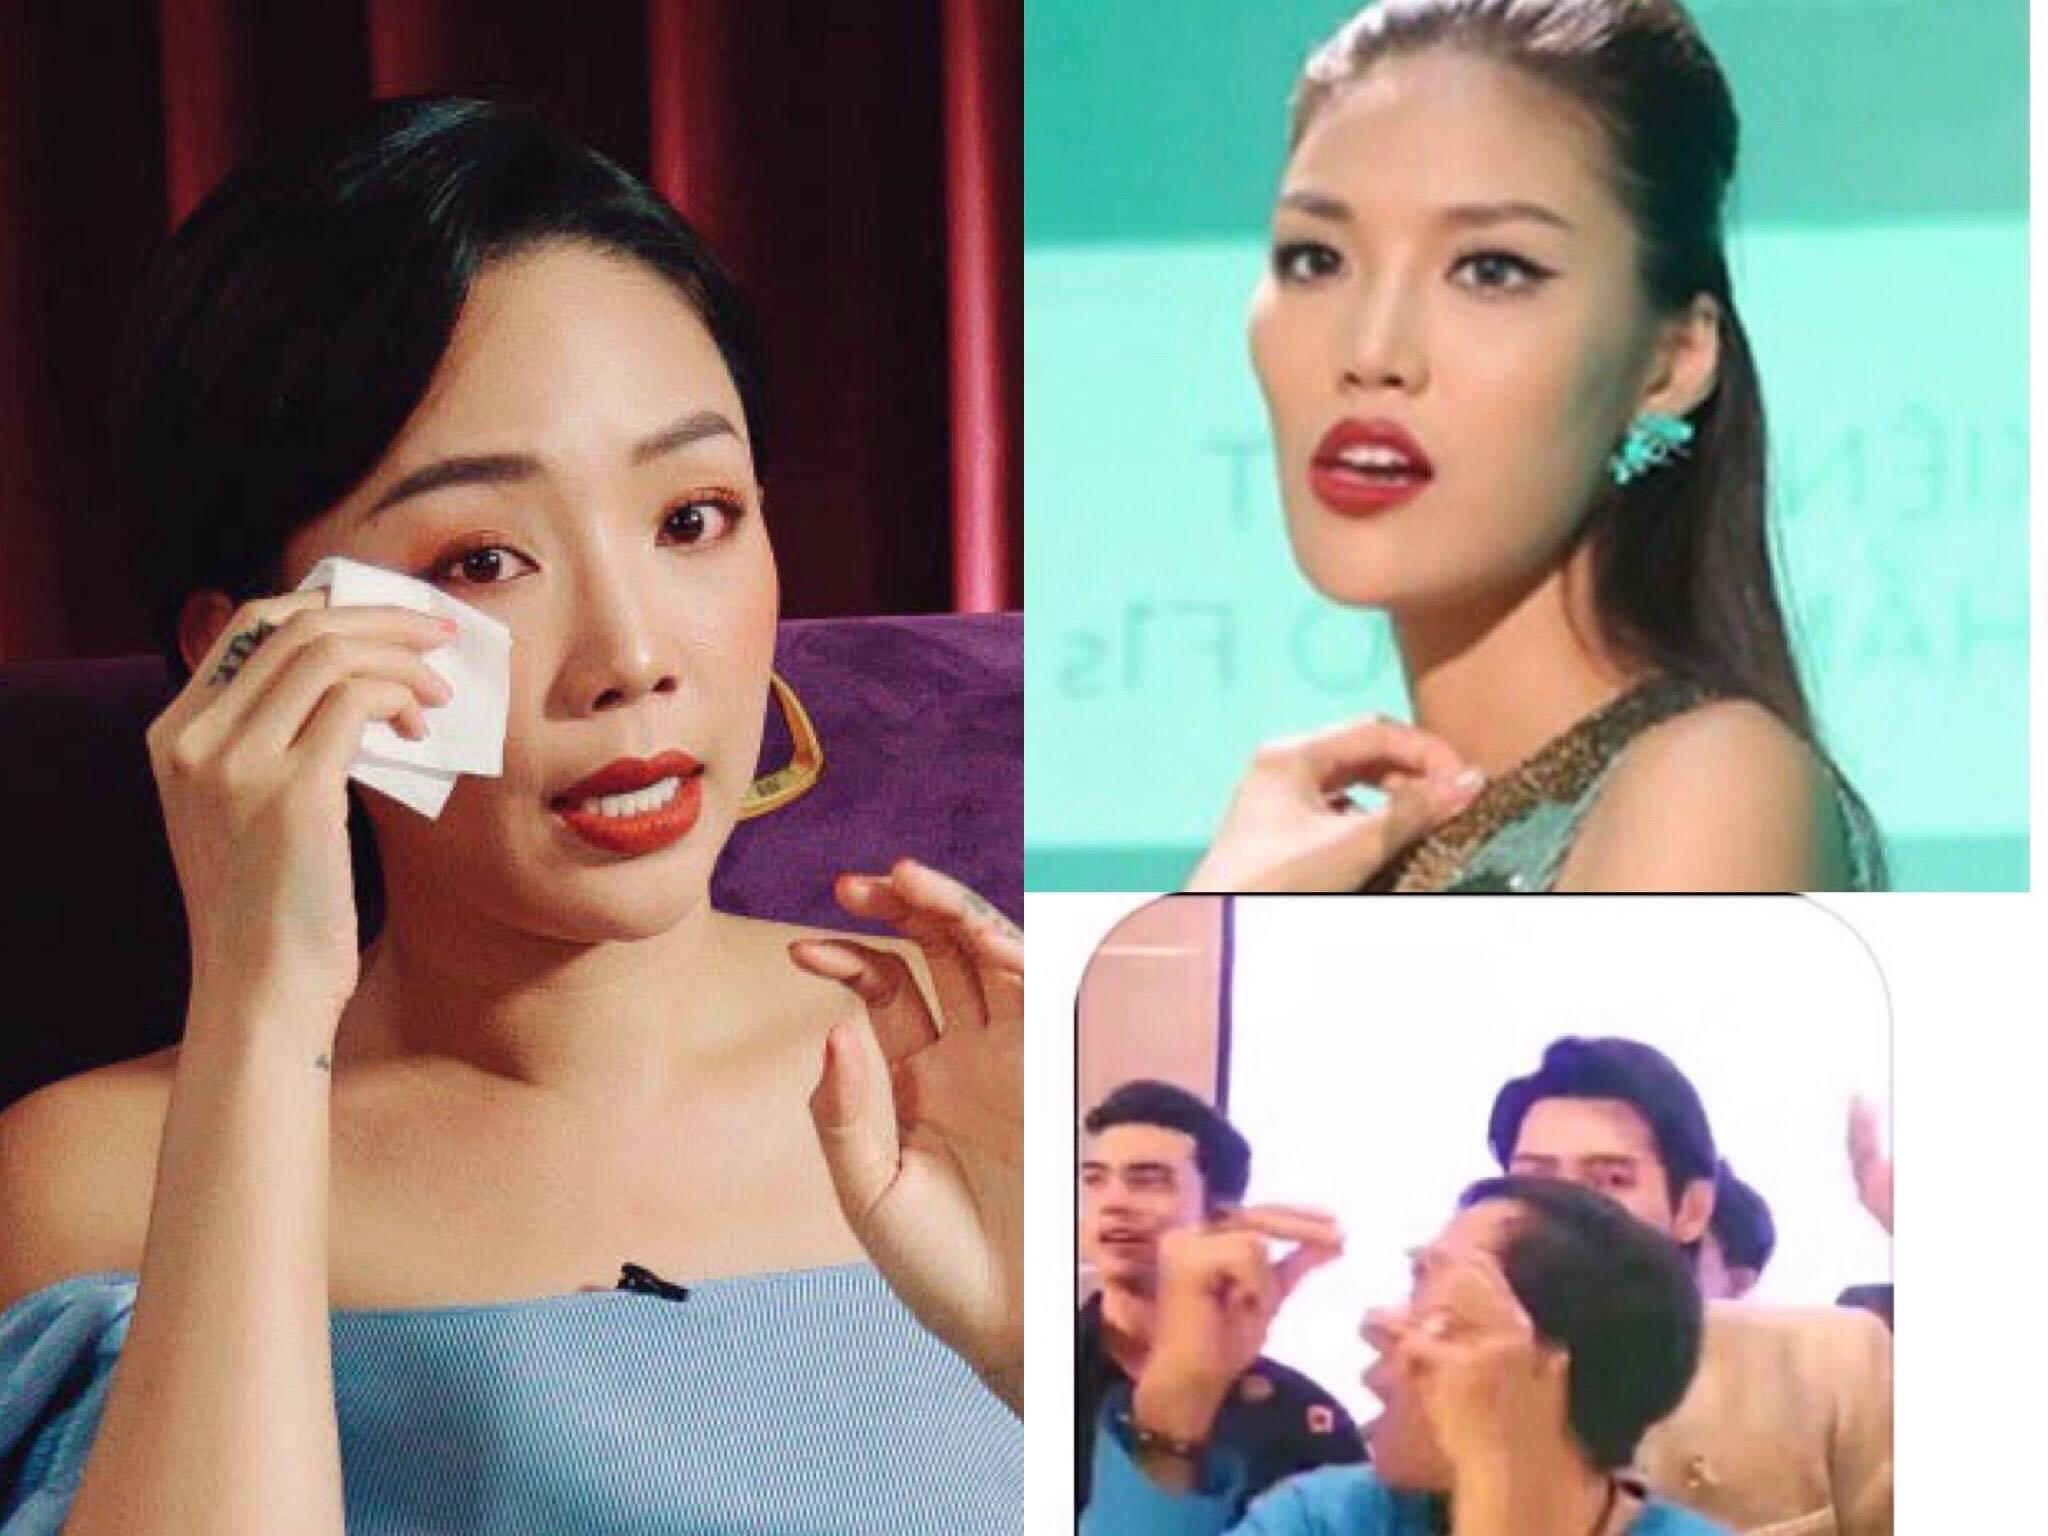 Tóc Tiên nhận 'bằng khen' khi bán túi hiệu hành thiện, thiên hạ 'réo' tên Hoài Linh, Top 11 Hoa hậu Thế giới kịch liệt